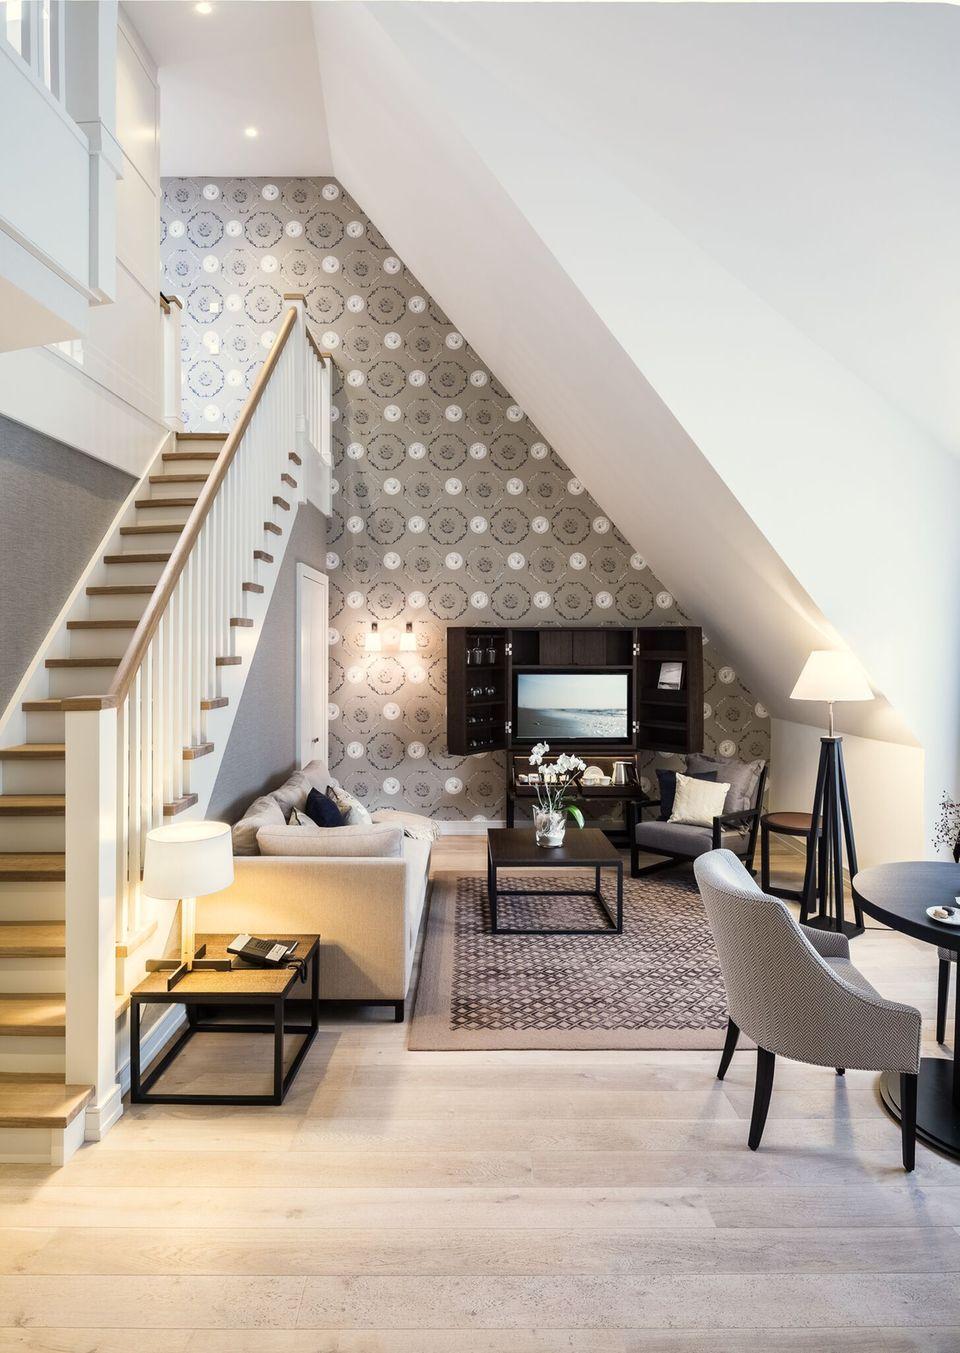 Severin's Resort & Spa: Gemütlicher Luxus auf Sylt